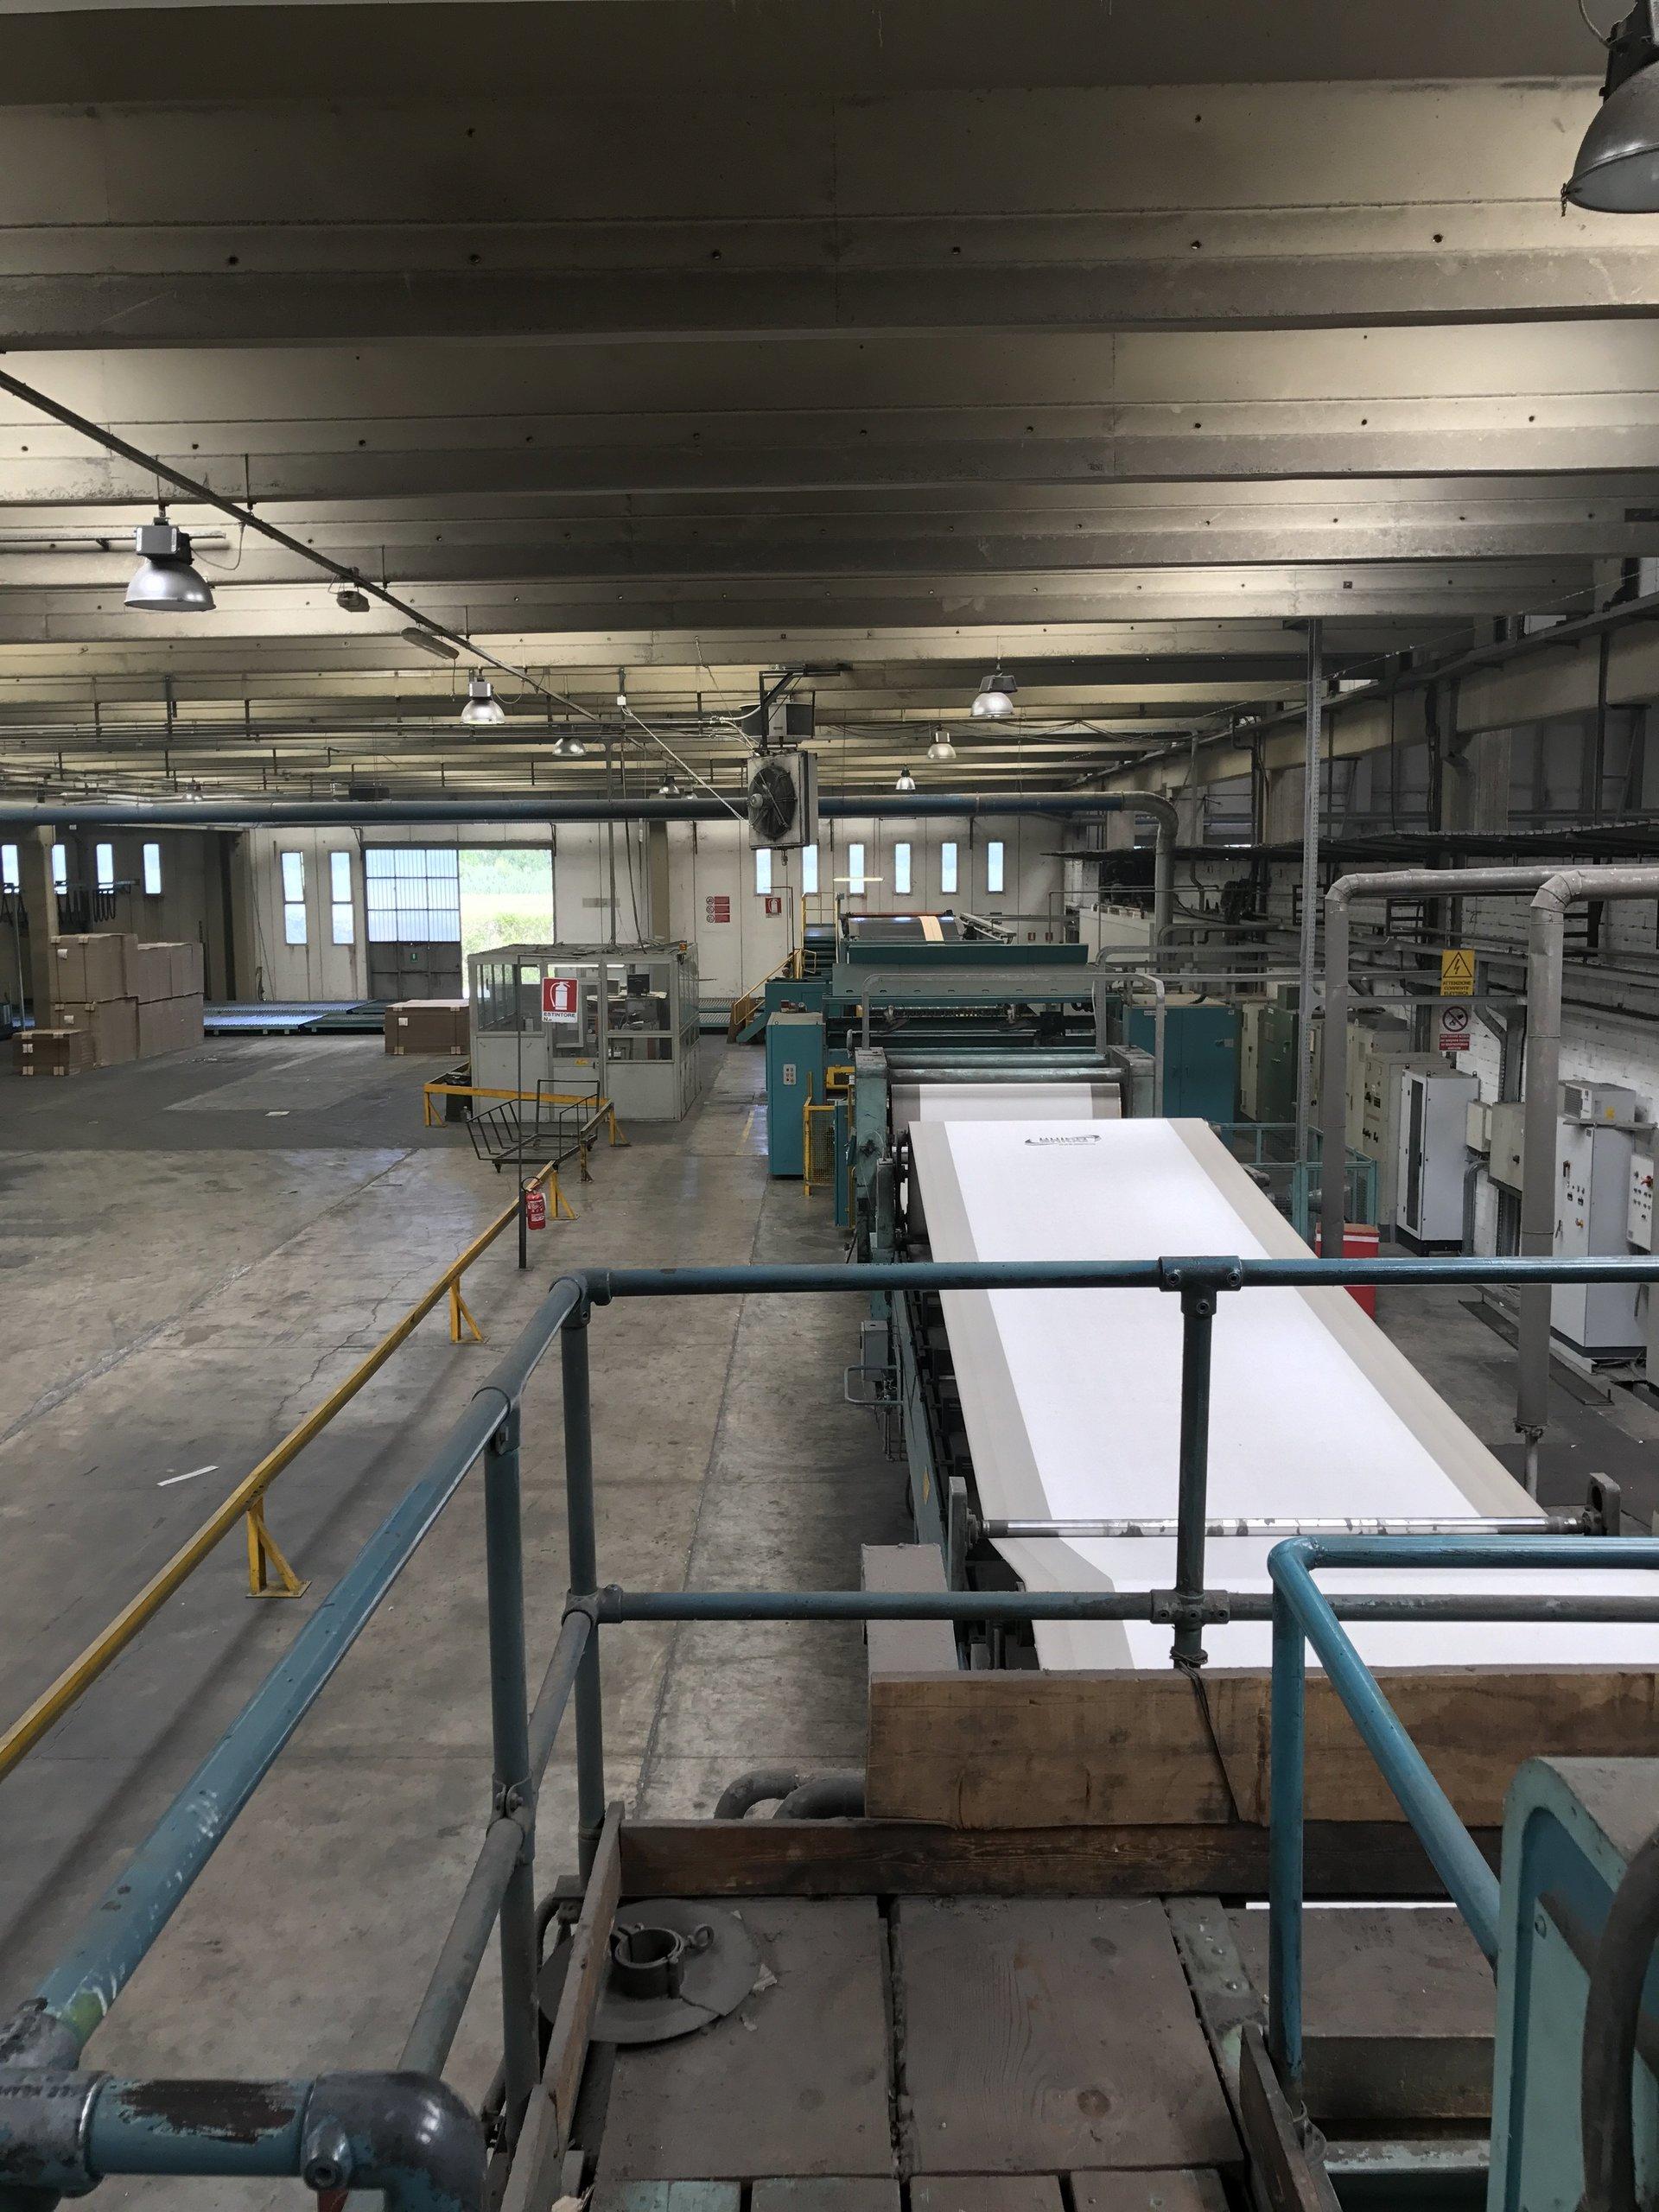 macchinario di produzione scatoloni  nel magazzino